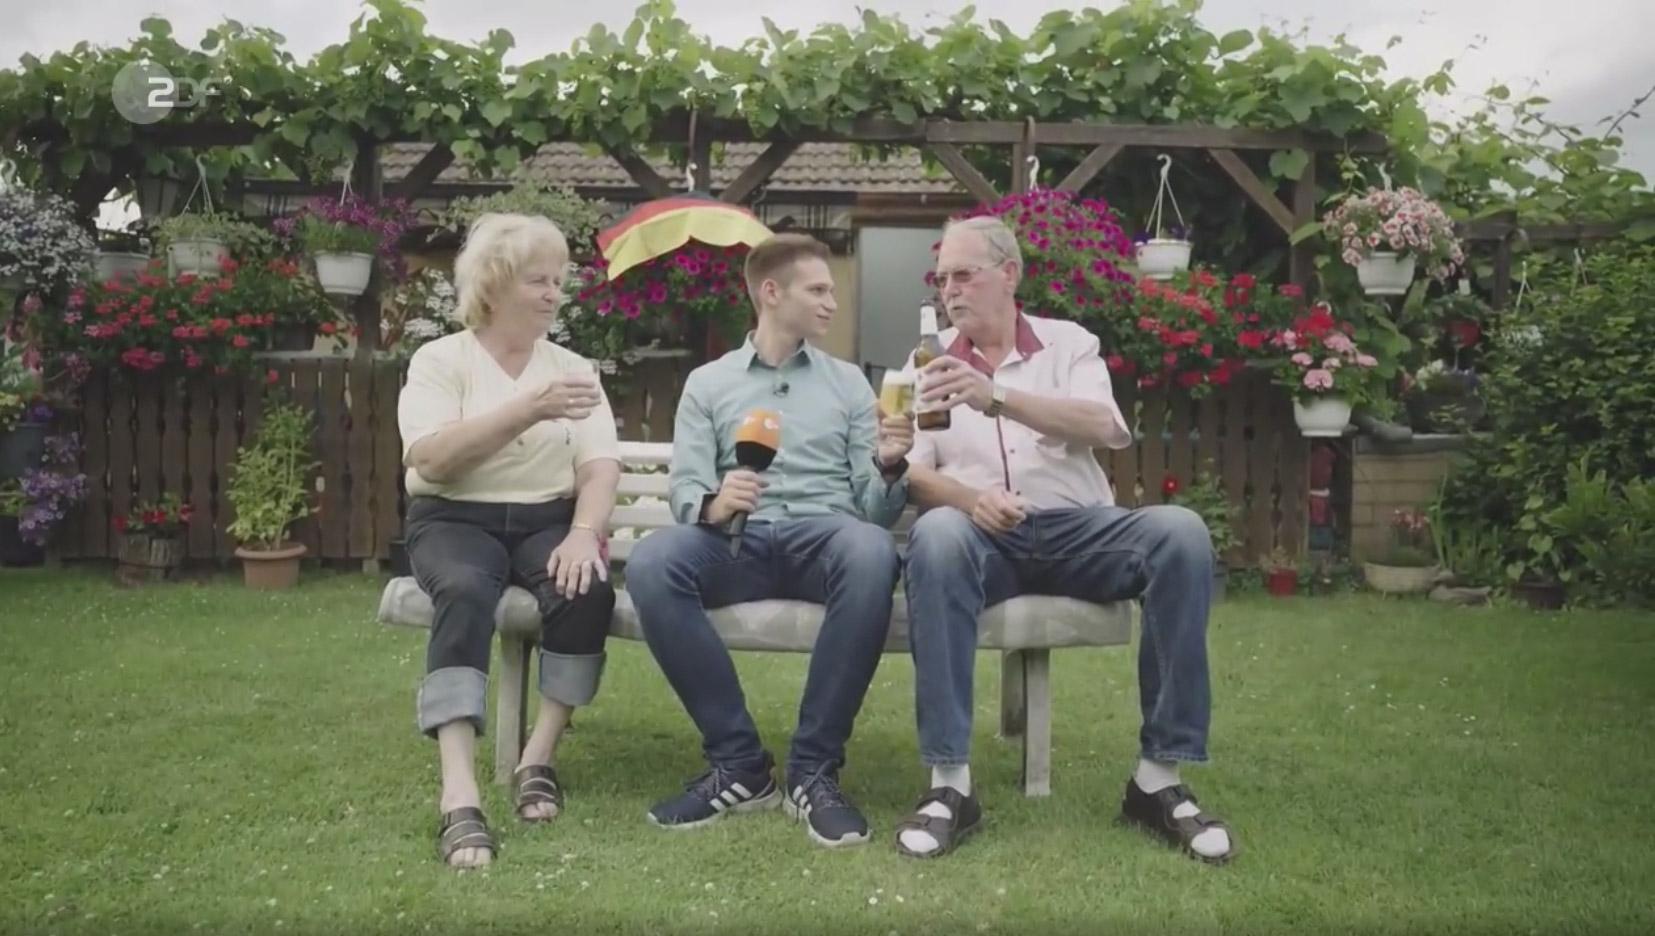 Hassknecht Fabian Koester Heute Show ZDF Oliver Welke Hassknecht Politik Satire Humor